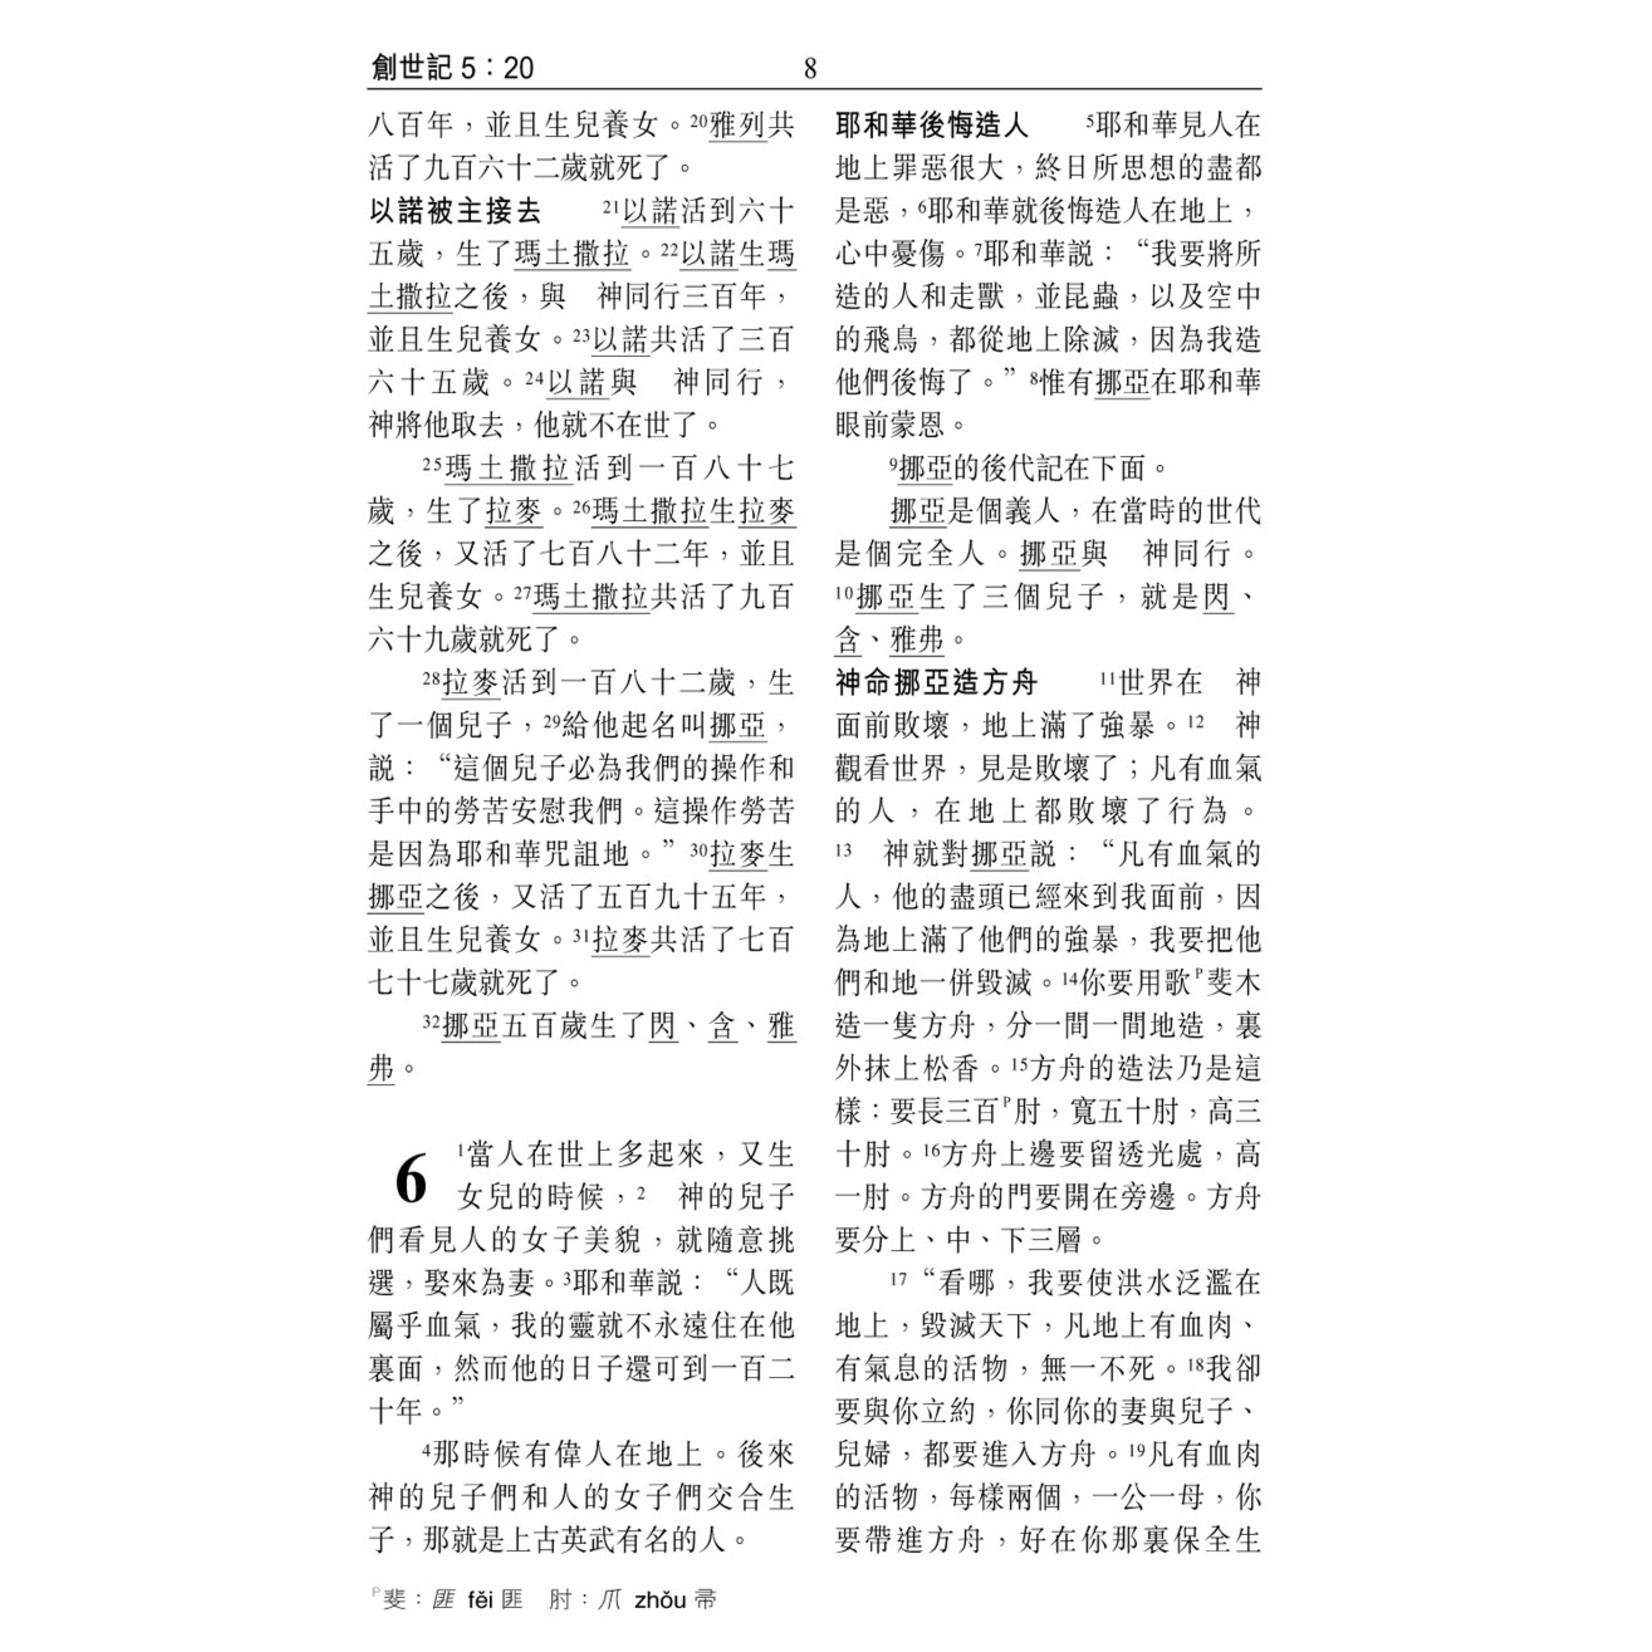 漢語聖經協會 Chinese Bible International 聖經.和合本.祈禱應許版.輕便本.拇指版.黑色仿皮面.金邊.拉鏈